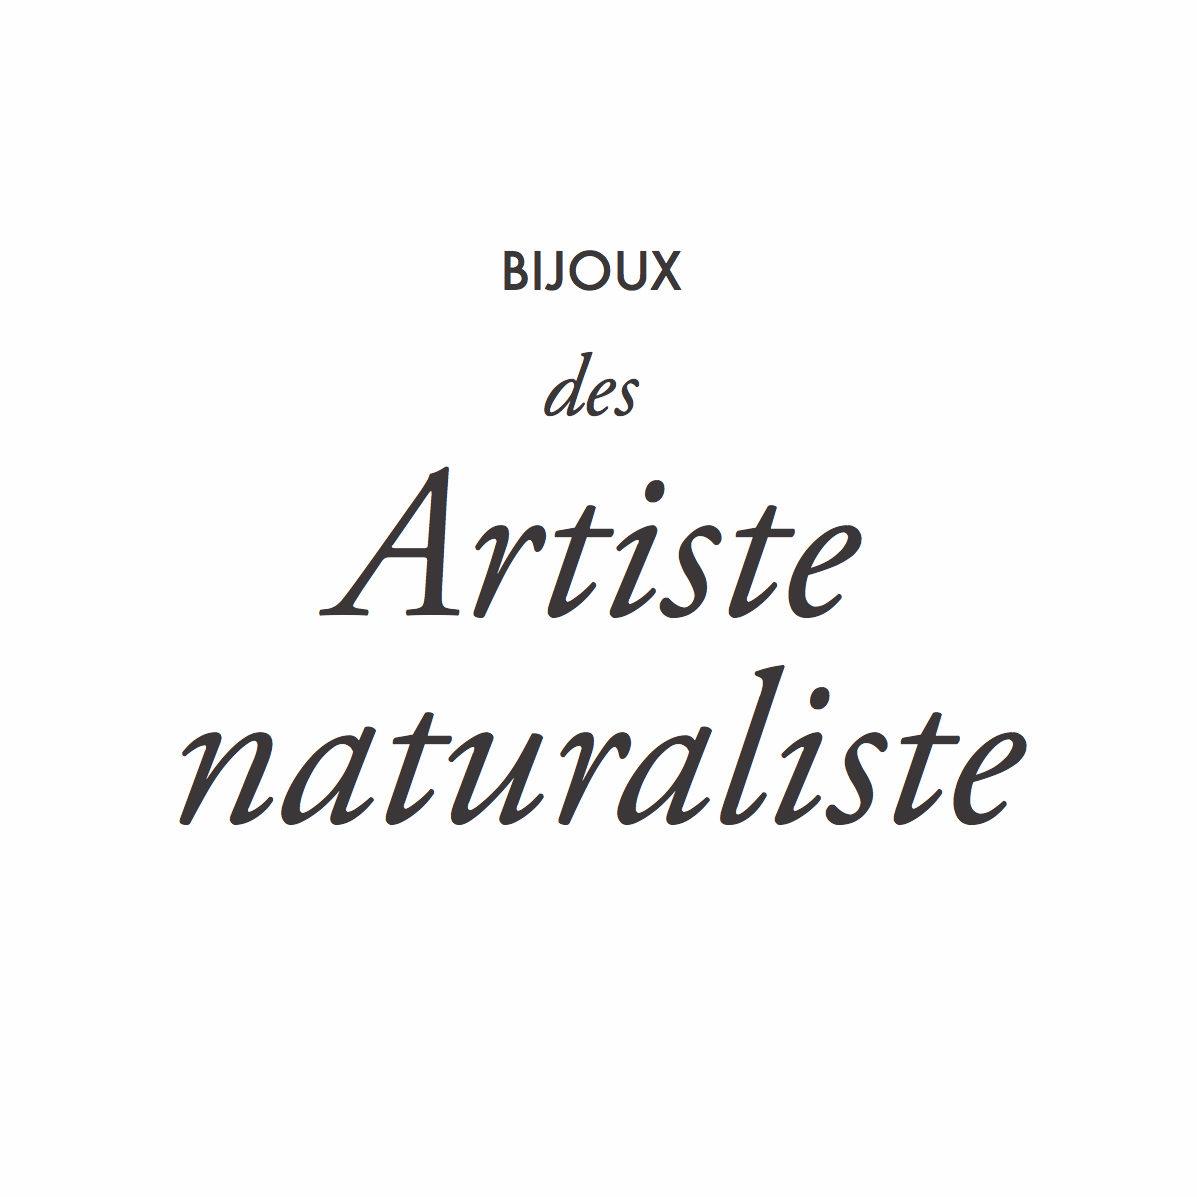 BIJOUX DES ARTISTE NATURALISTE